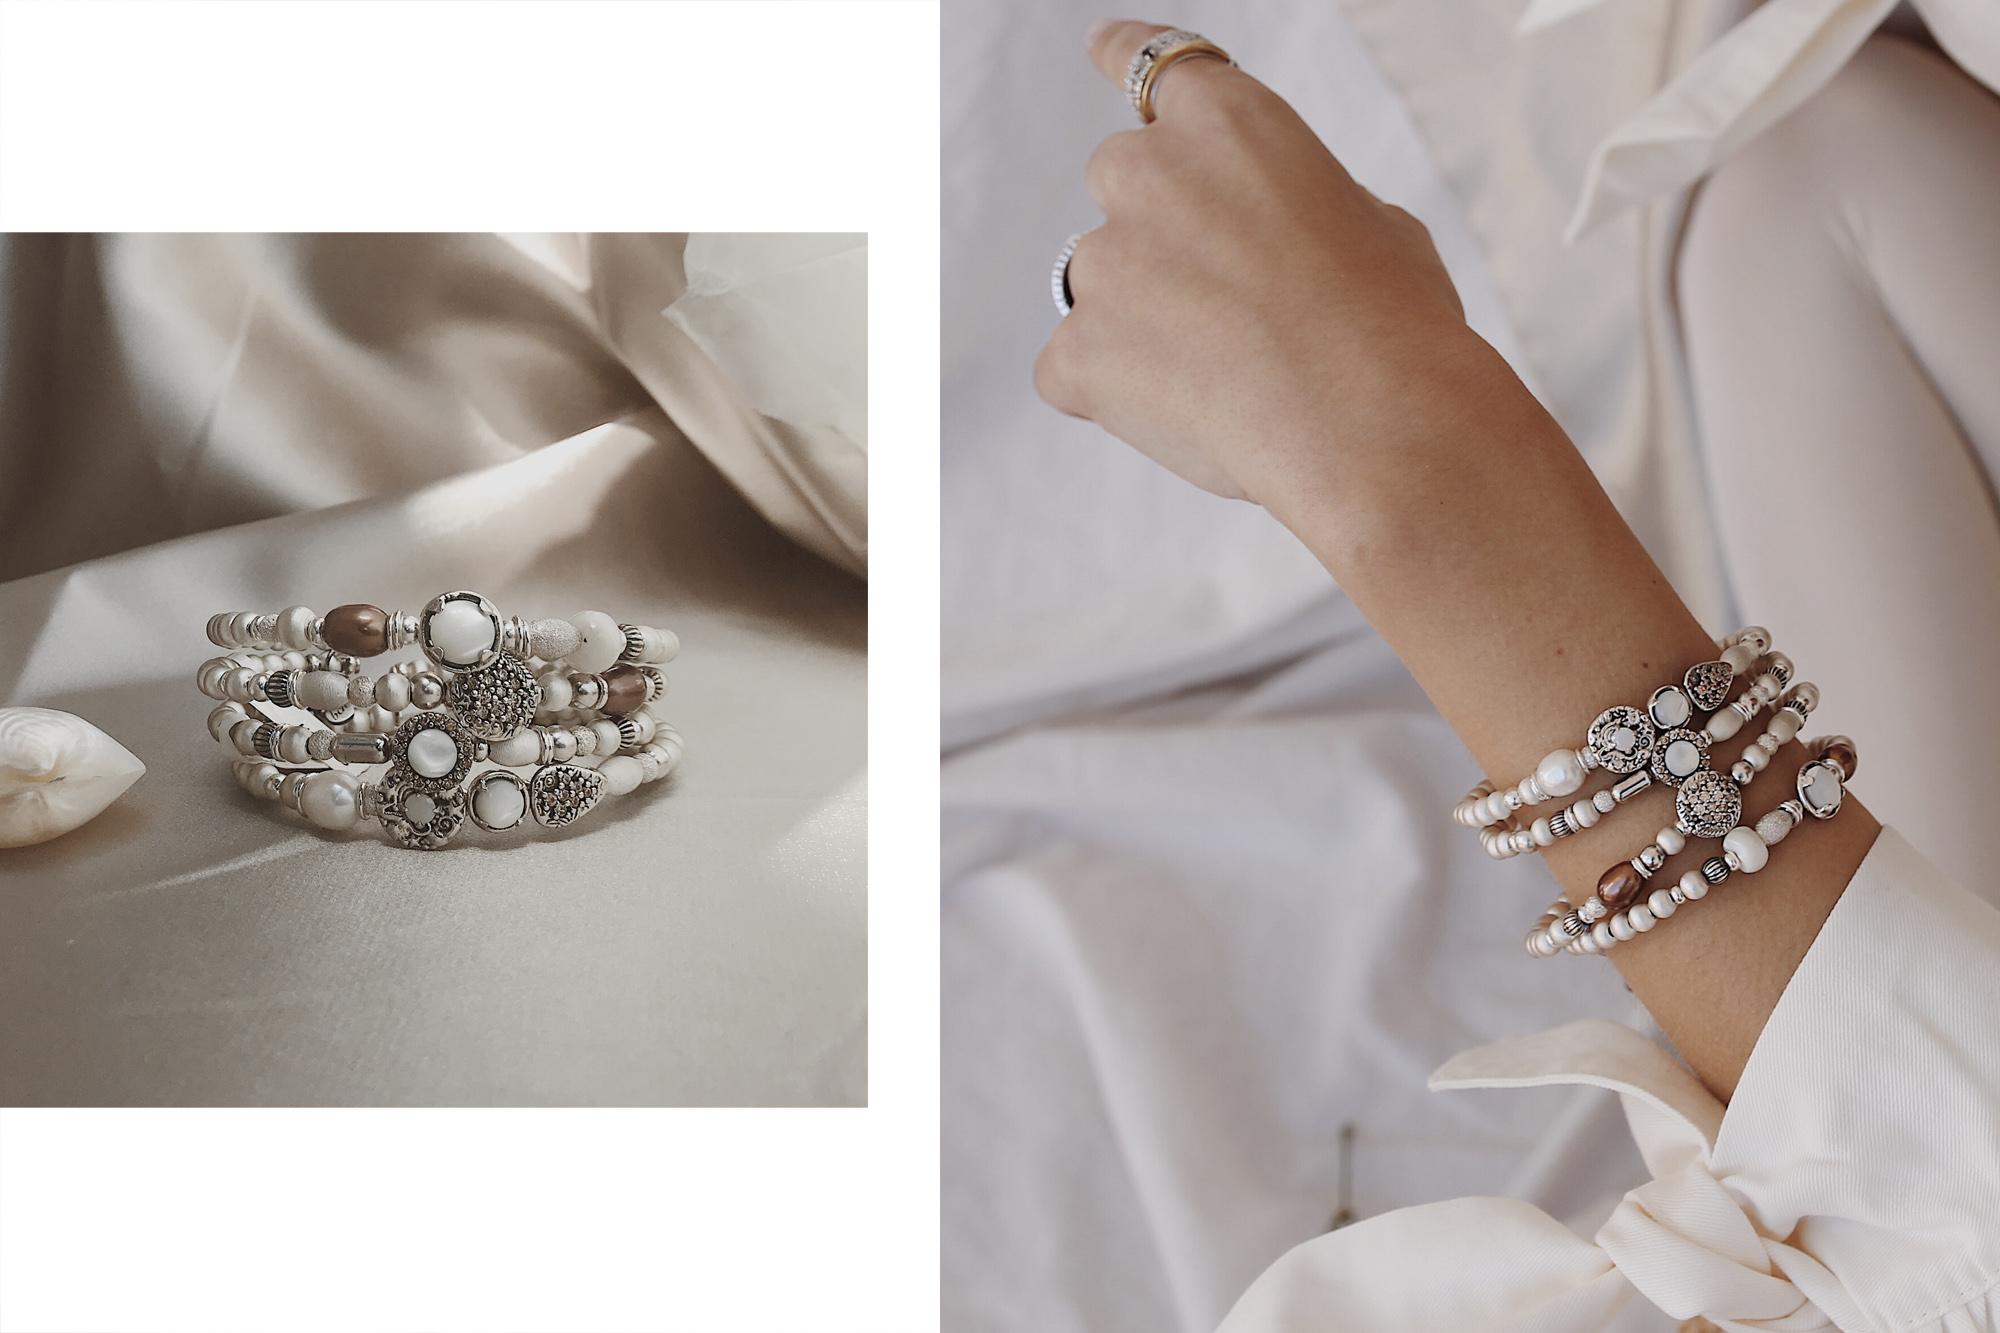 xdc_parhelia_bracelets.jpg